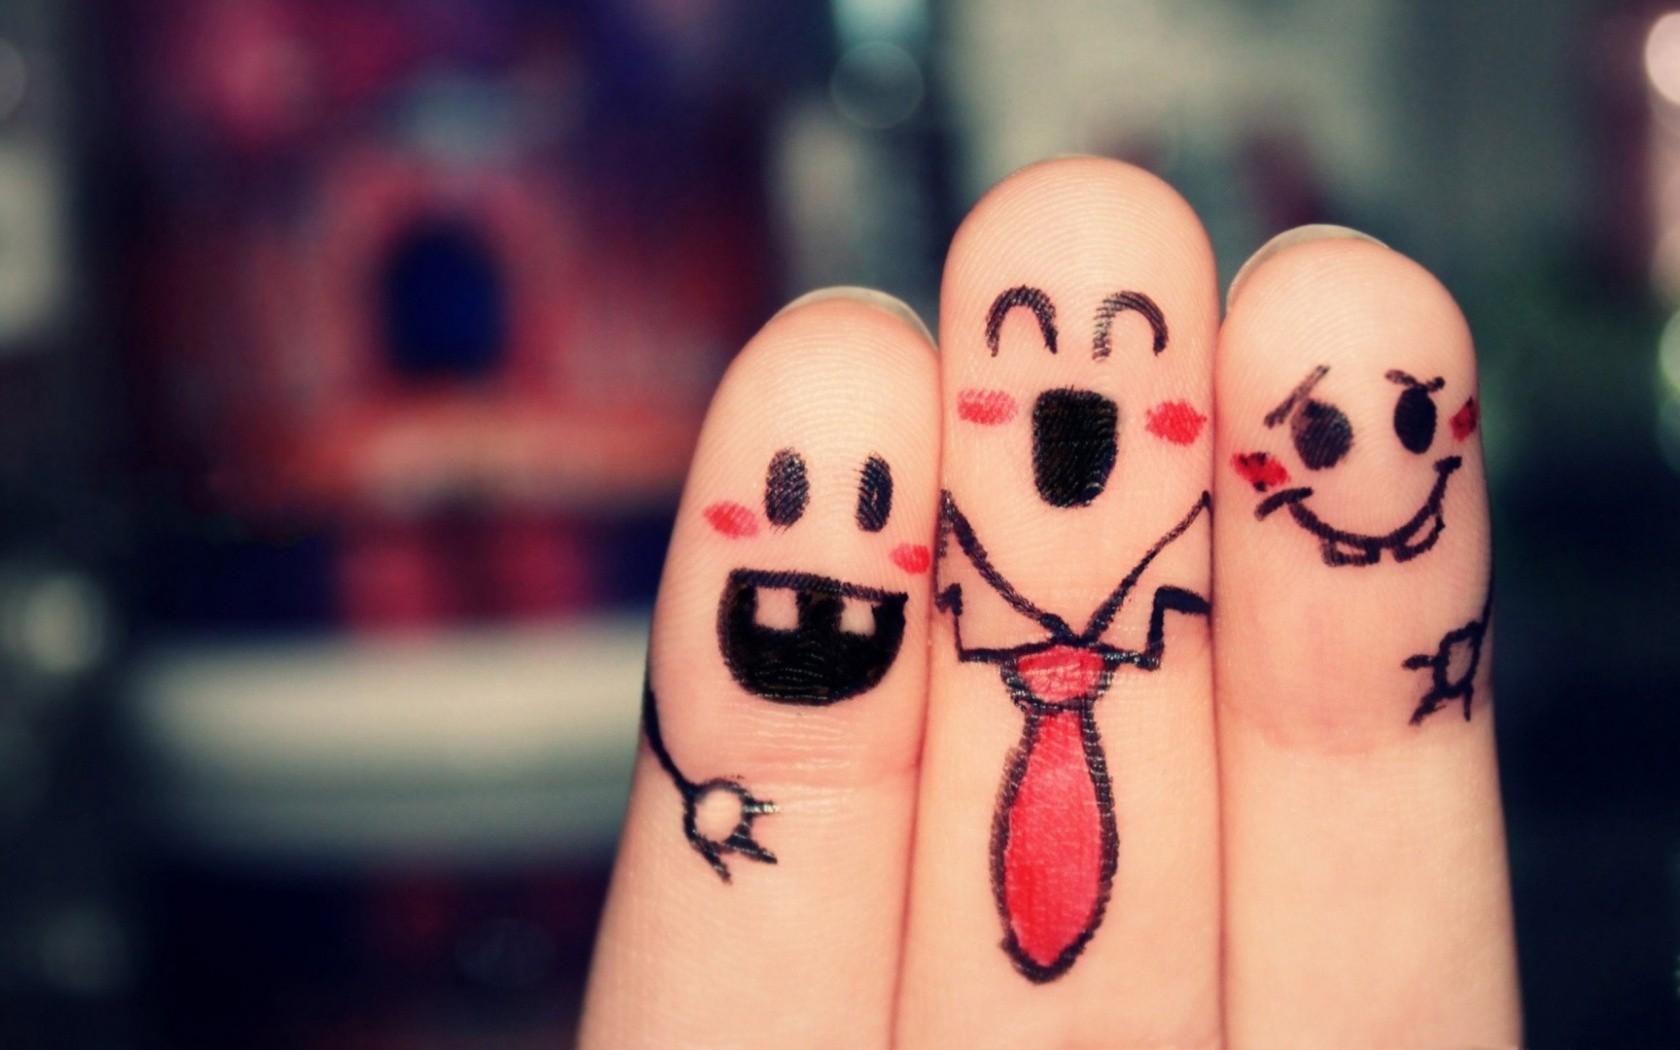 Dedos graciosos - 1680x1050